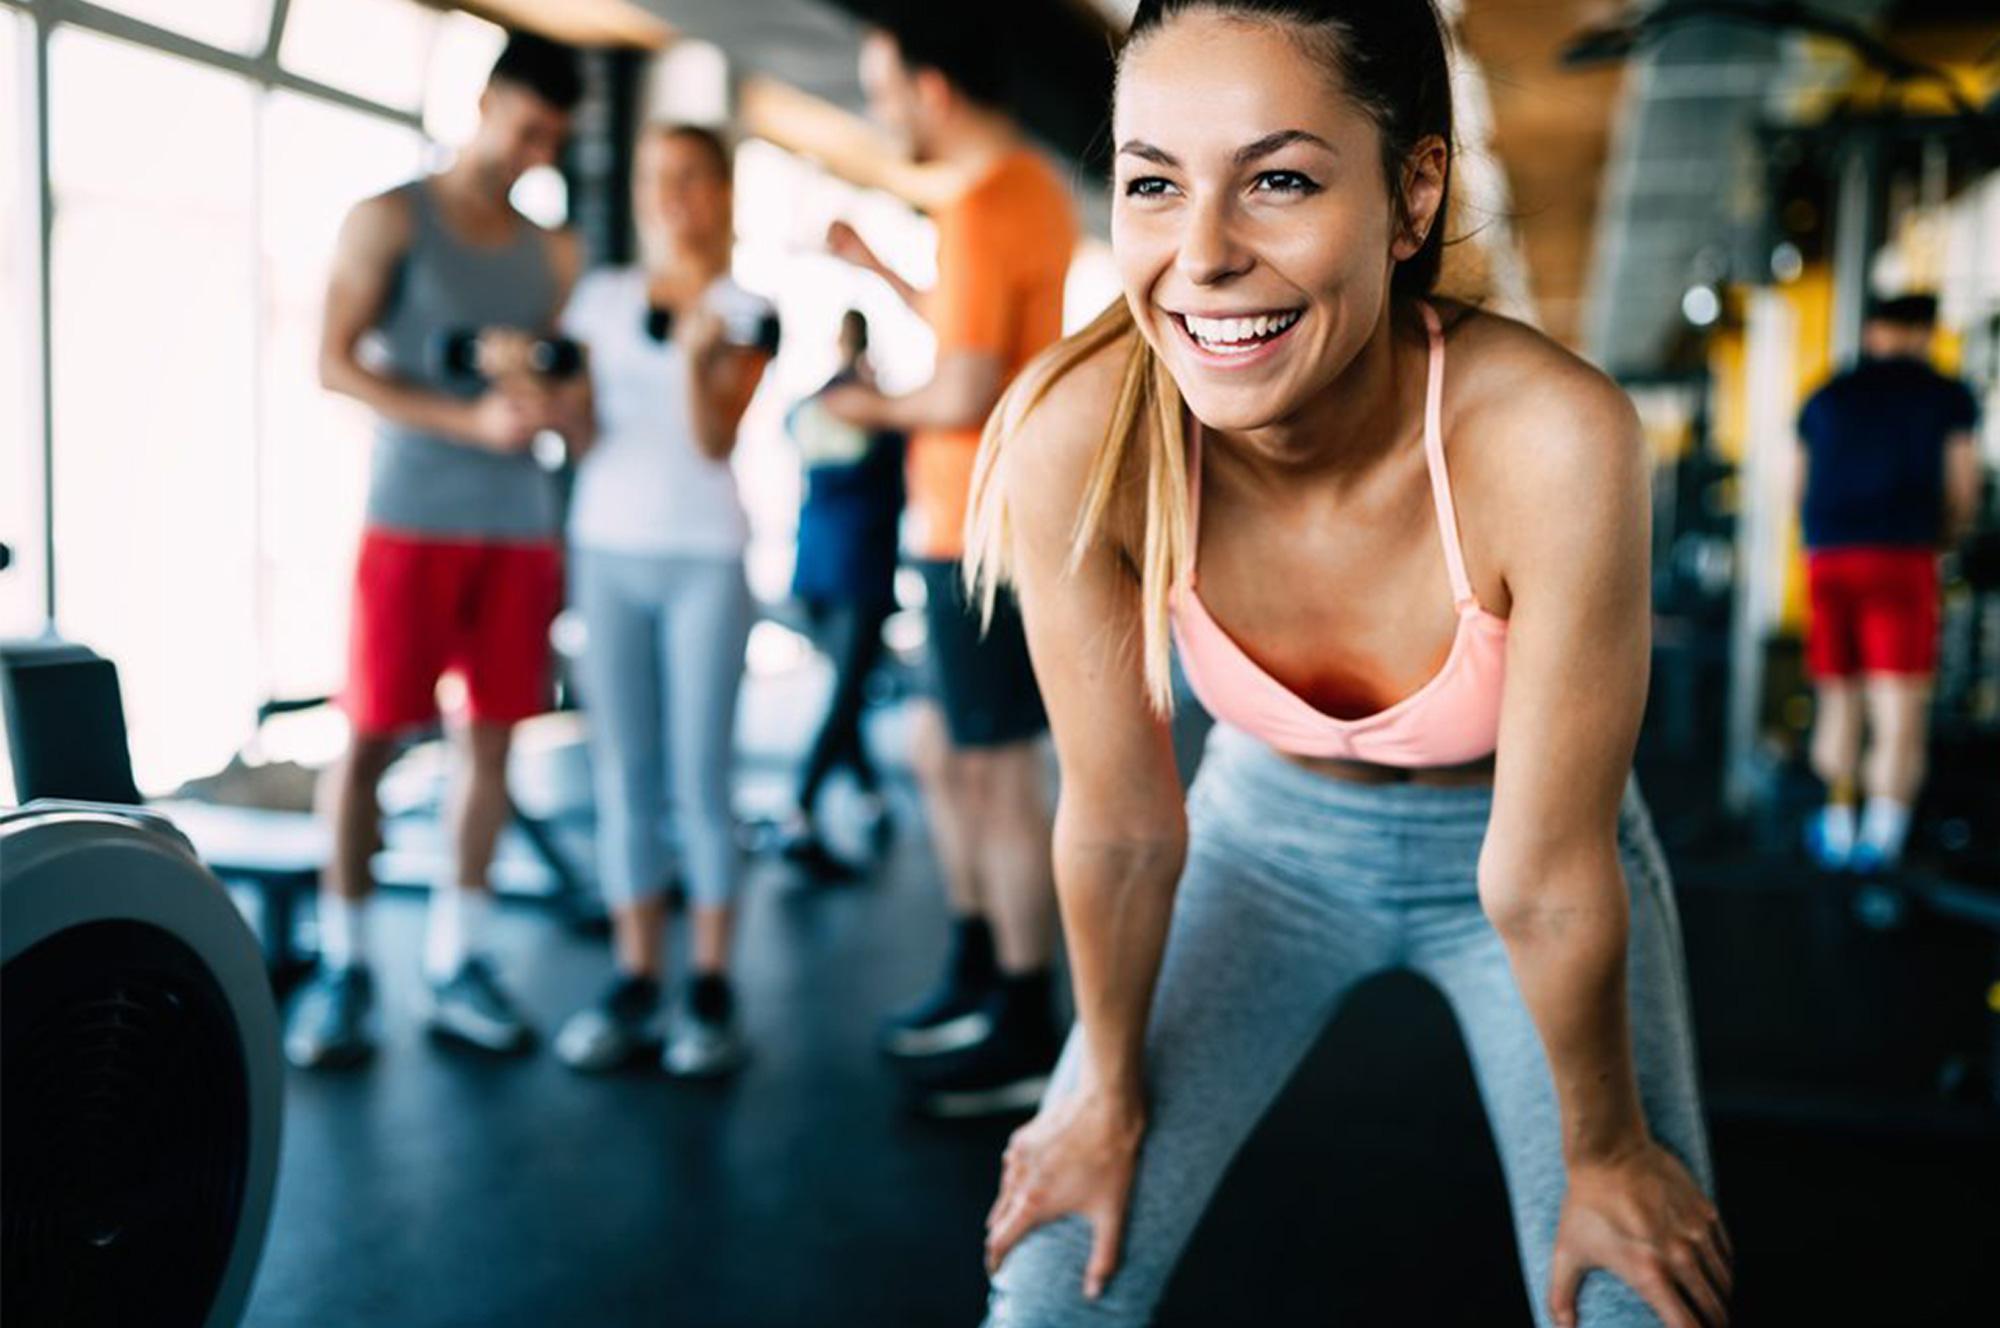 ジムでトレーニング中に笑顔で休憩する女性